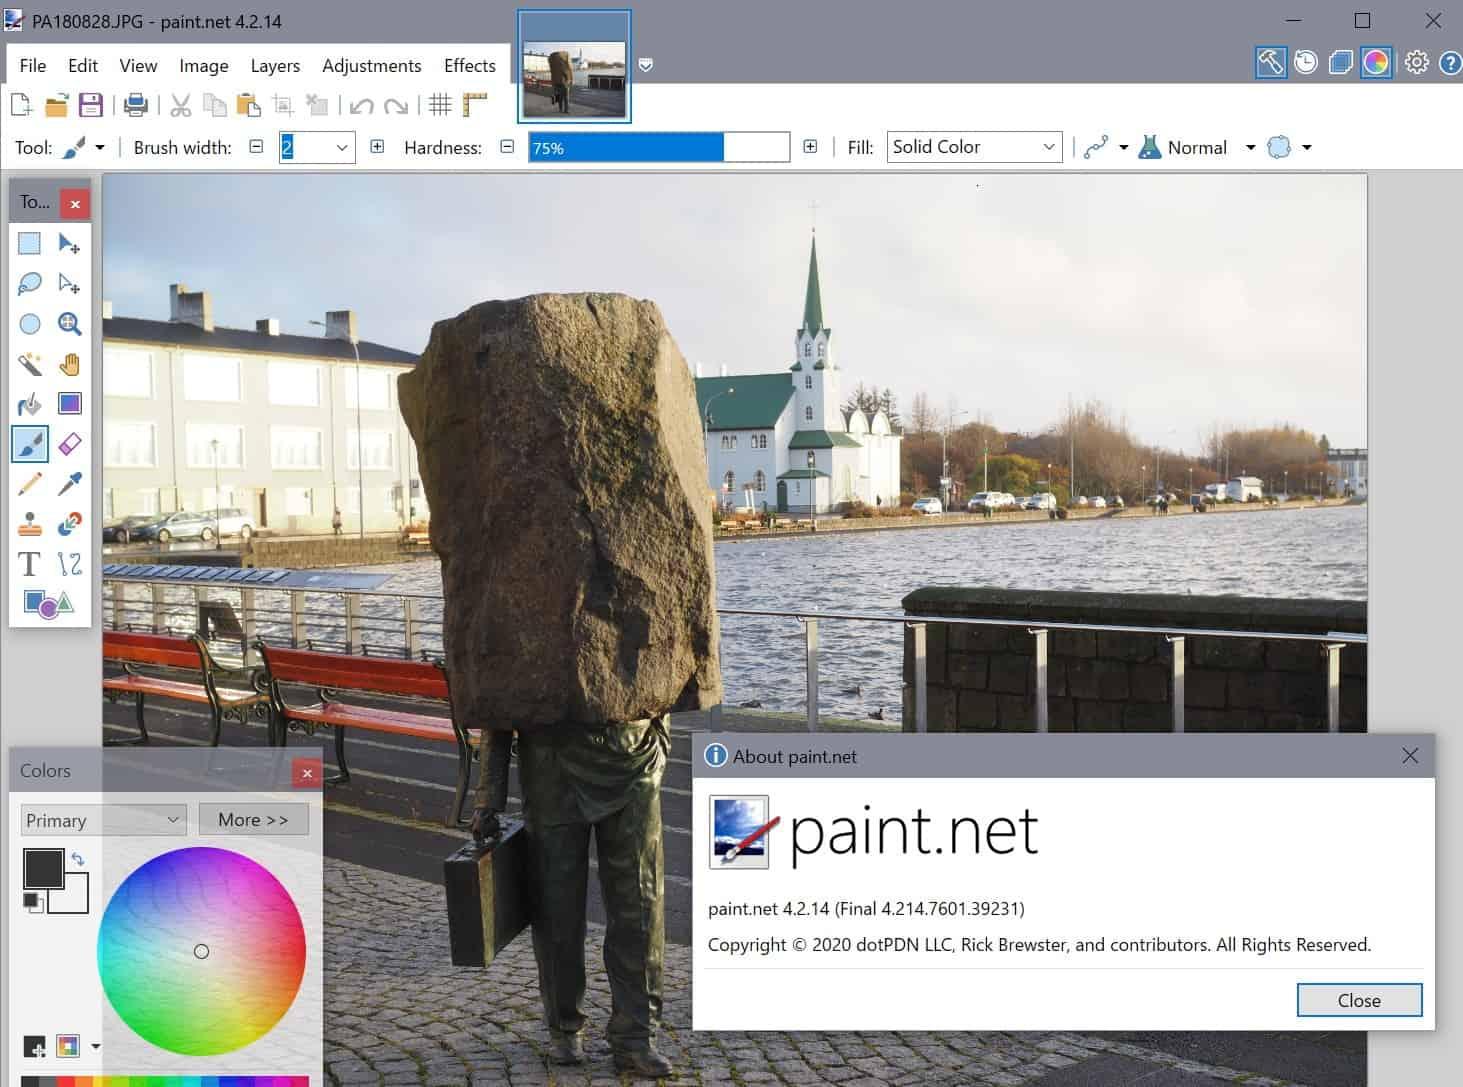 paint net 4.2.14